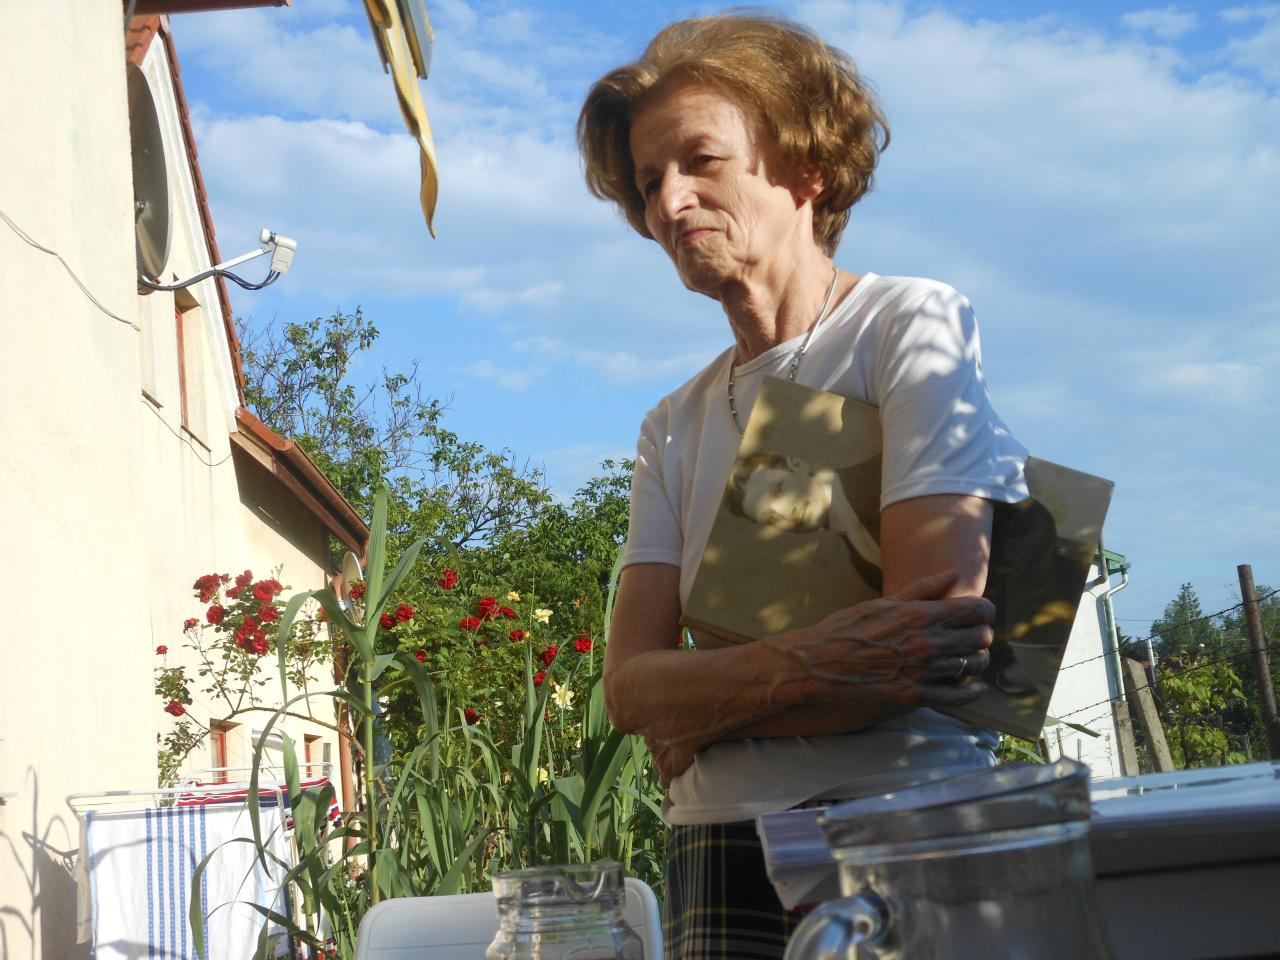 Éva Perjés, ook een steun en toeverlaat tijdens mijn zoektocht. Ik logeerde vaak bij haar. Hier staat ze met mijn 'Arpádboek' onder haar arm. We zijn bij haar vriendin, Maria Legeza (vorige foto).